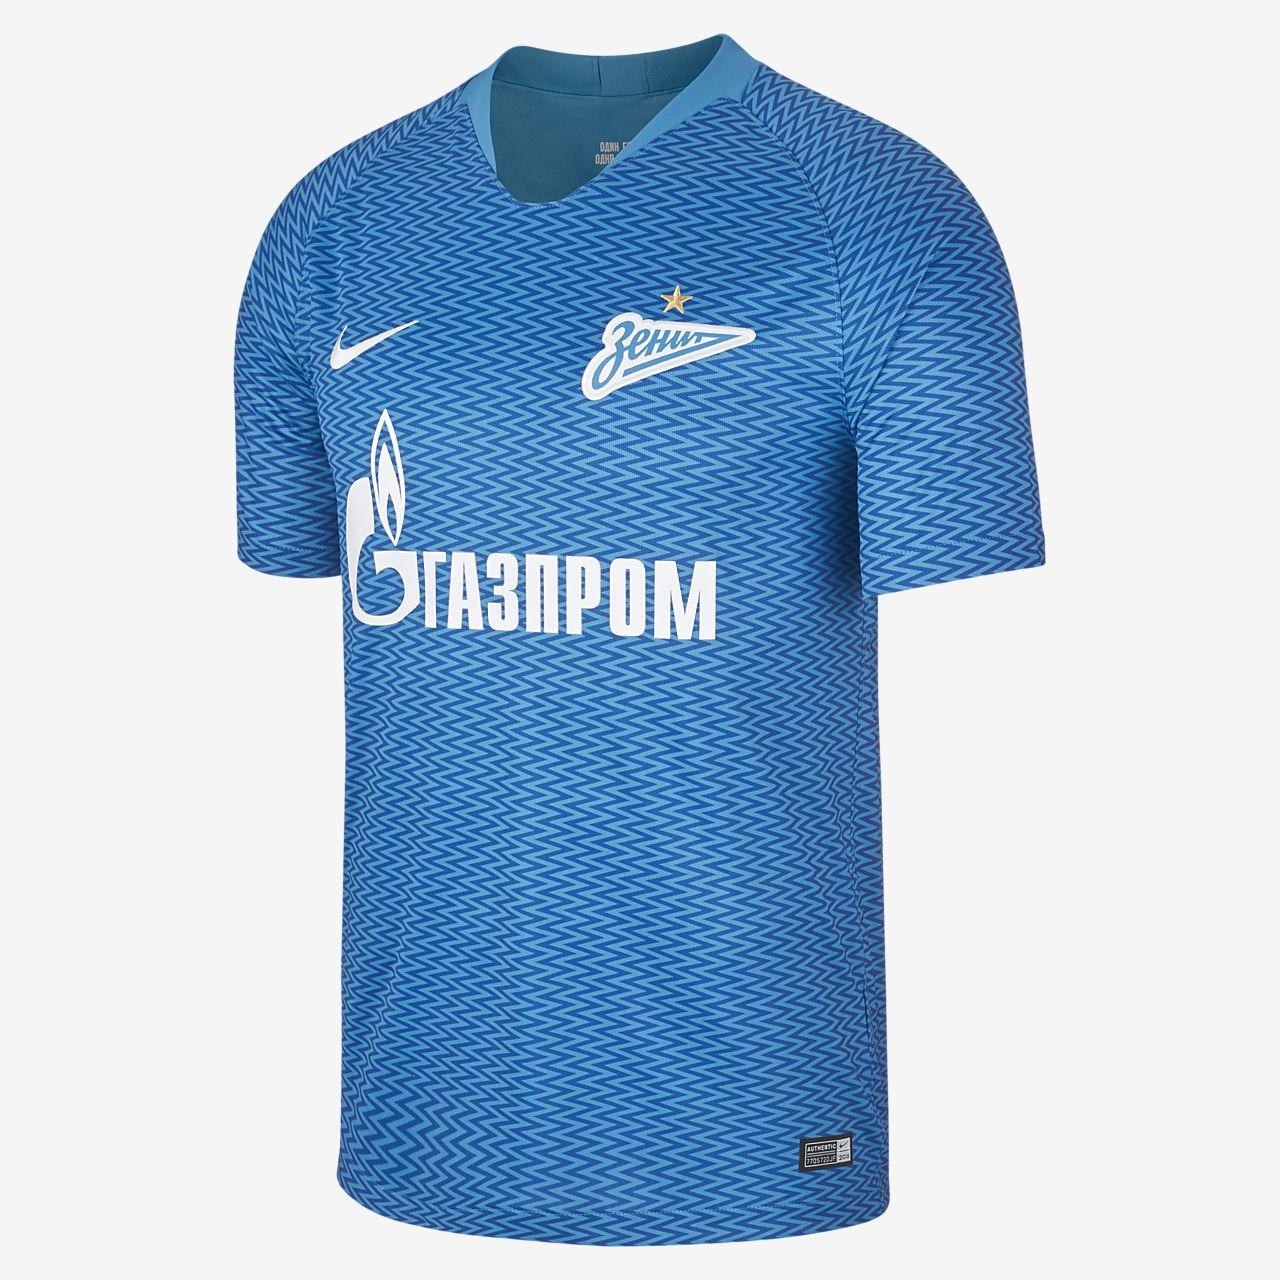 45bc159d57597 Camiseta de fútbol para hombre 2018 19 FC Zenit Stadium Home. Nike ...